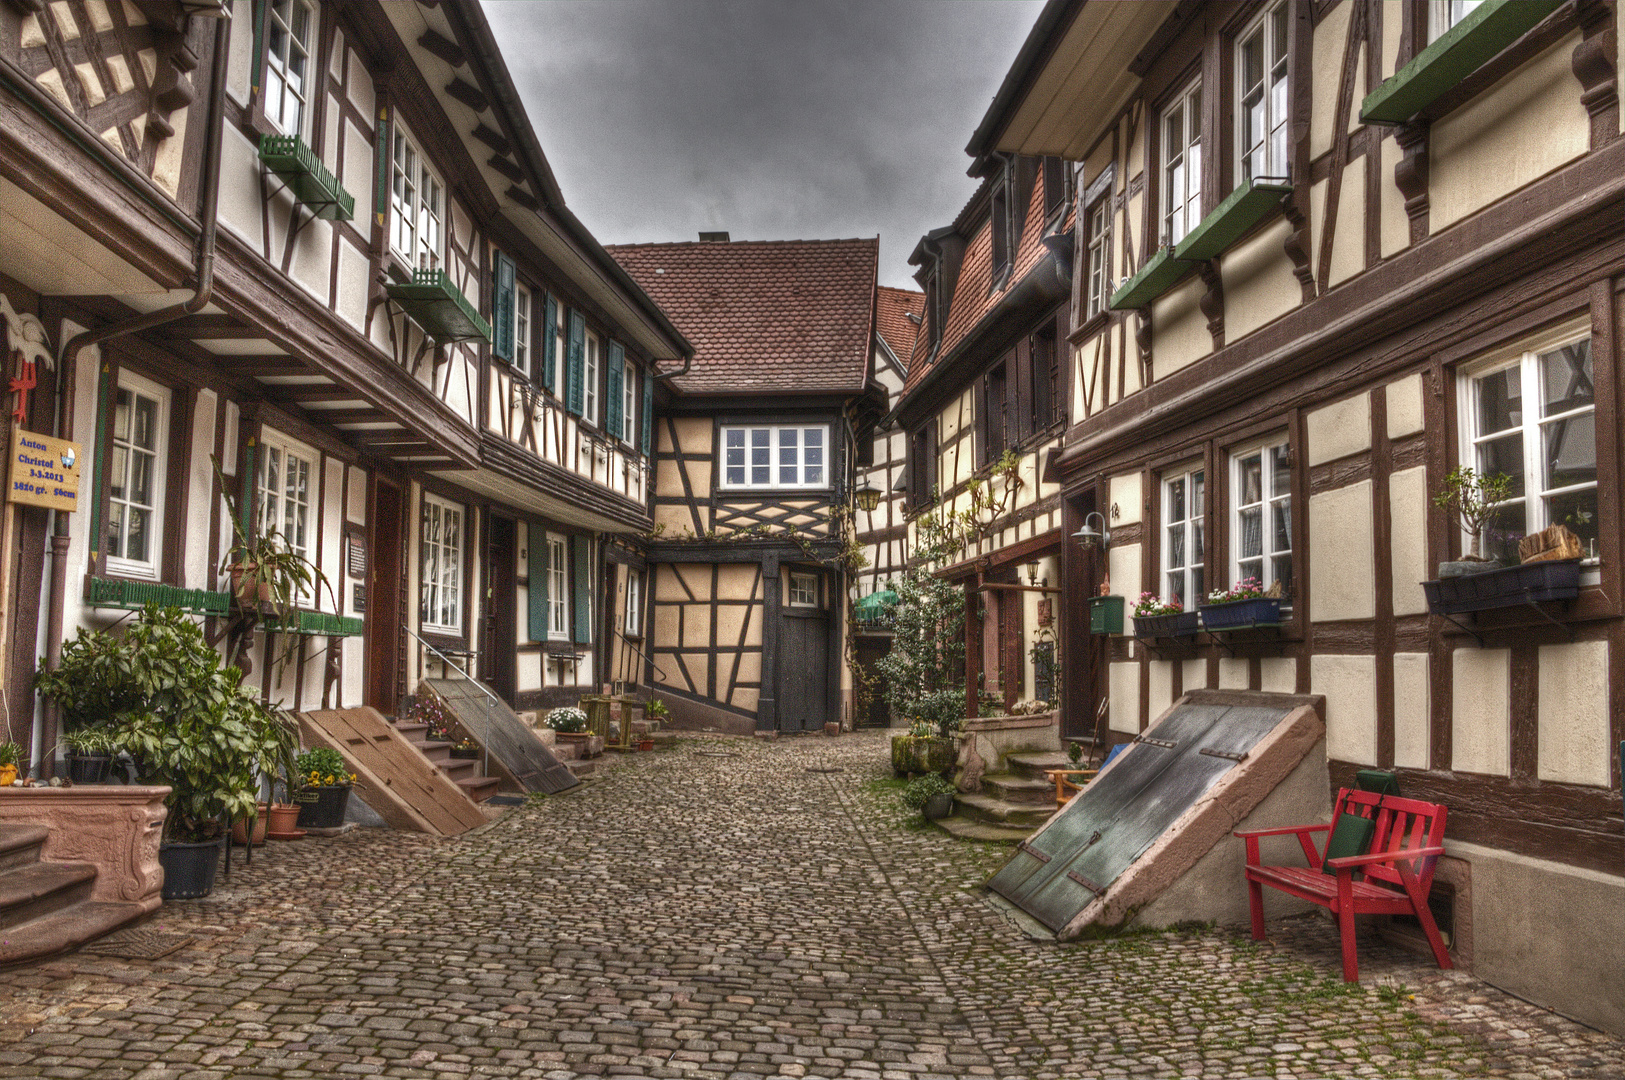 Historische Altsadt Gengenbach